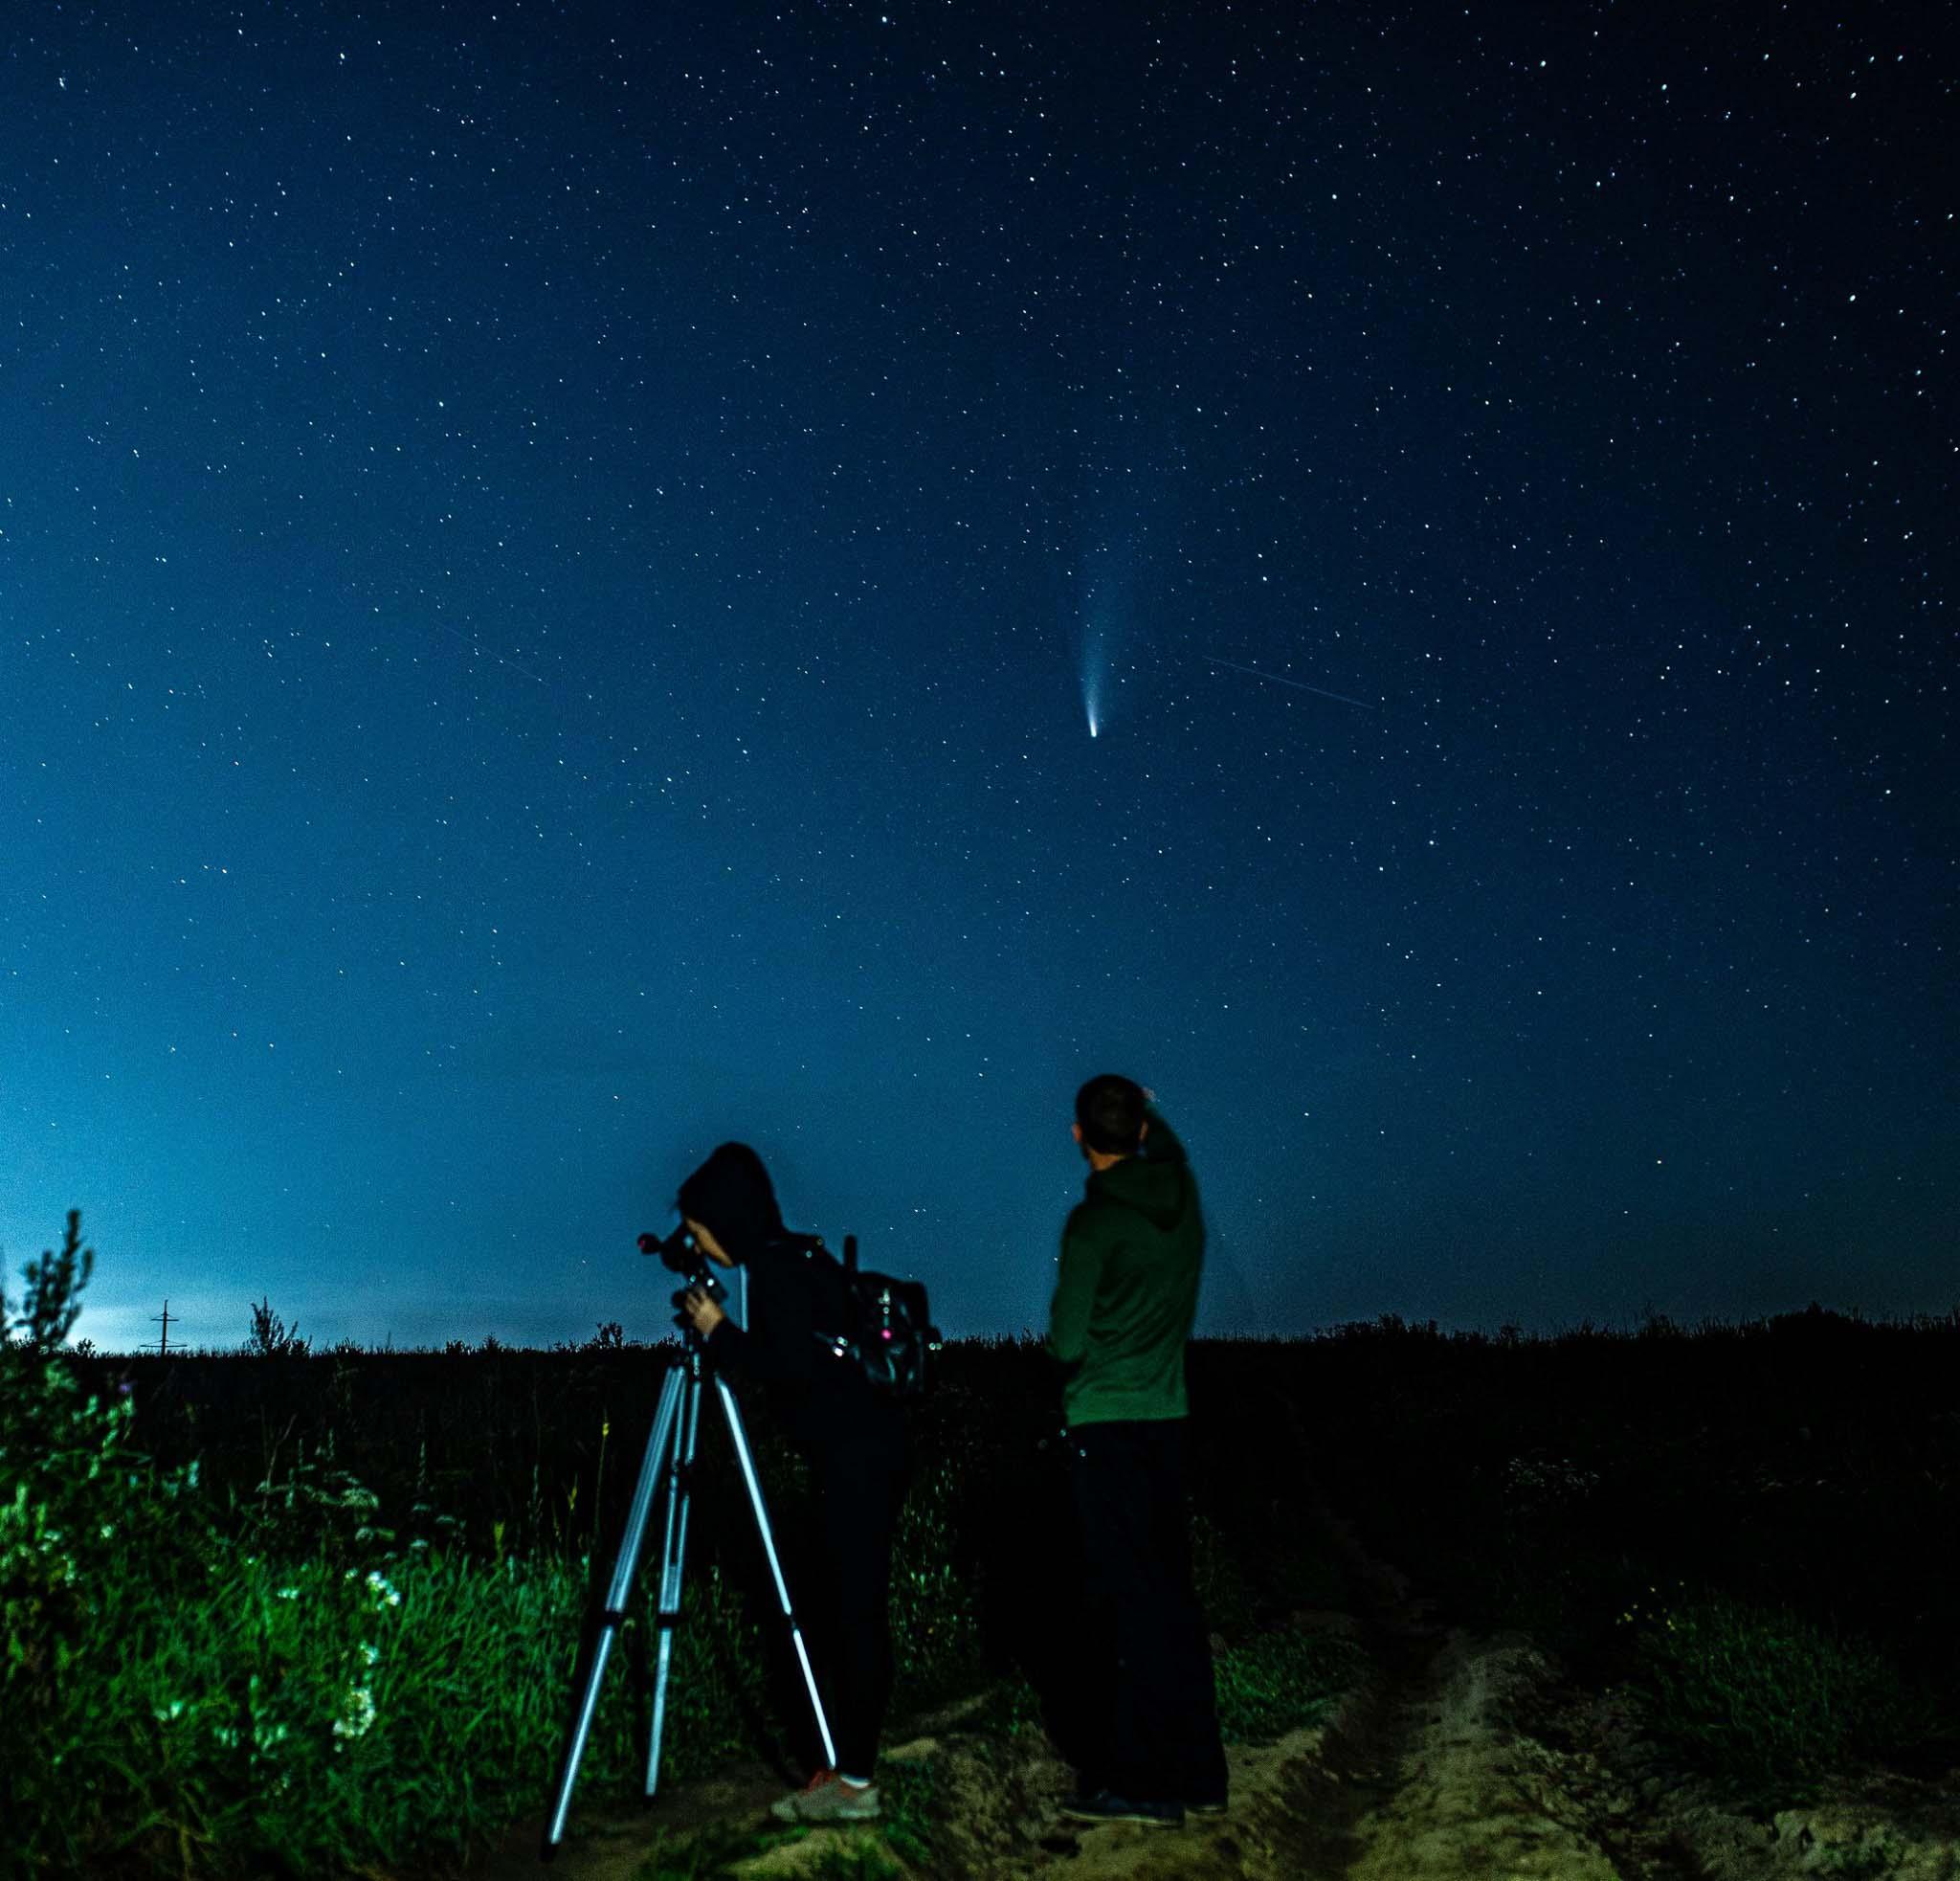 Франківець сфотографував палаючу комету Neowise (ФОТО)